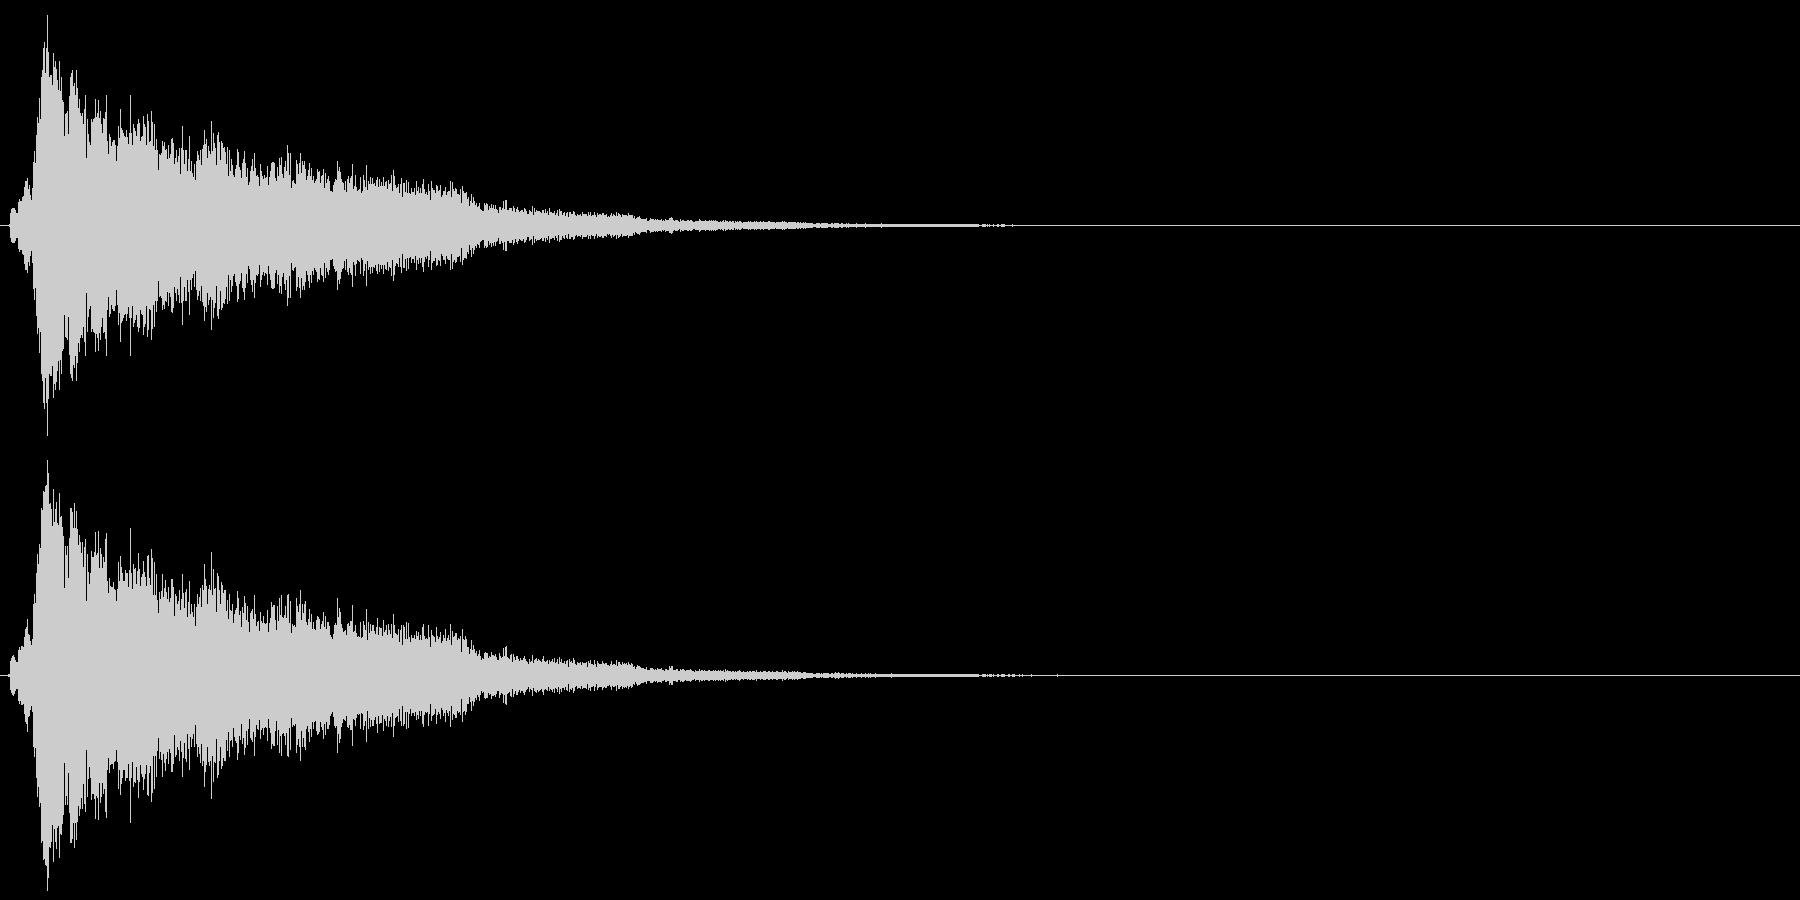 シュルリーーーーンの未再生の波形